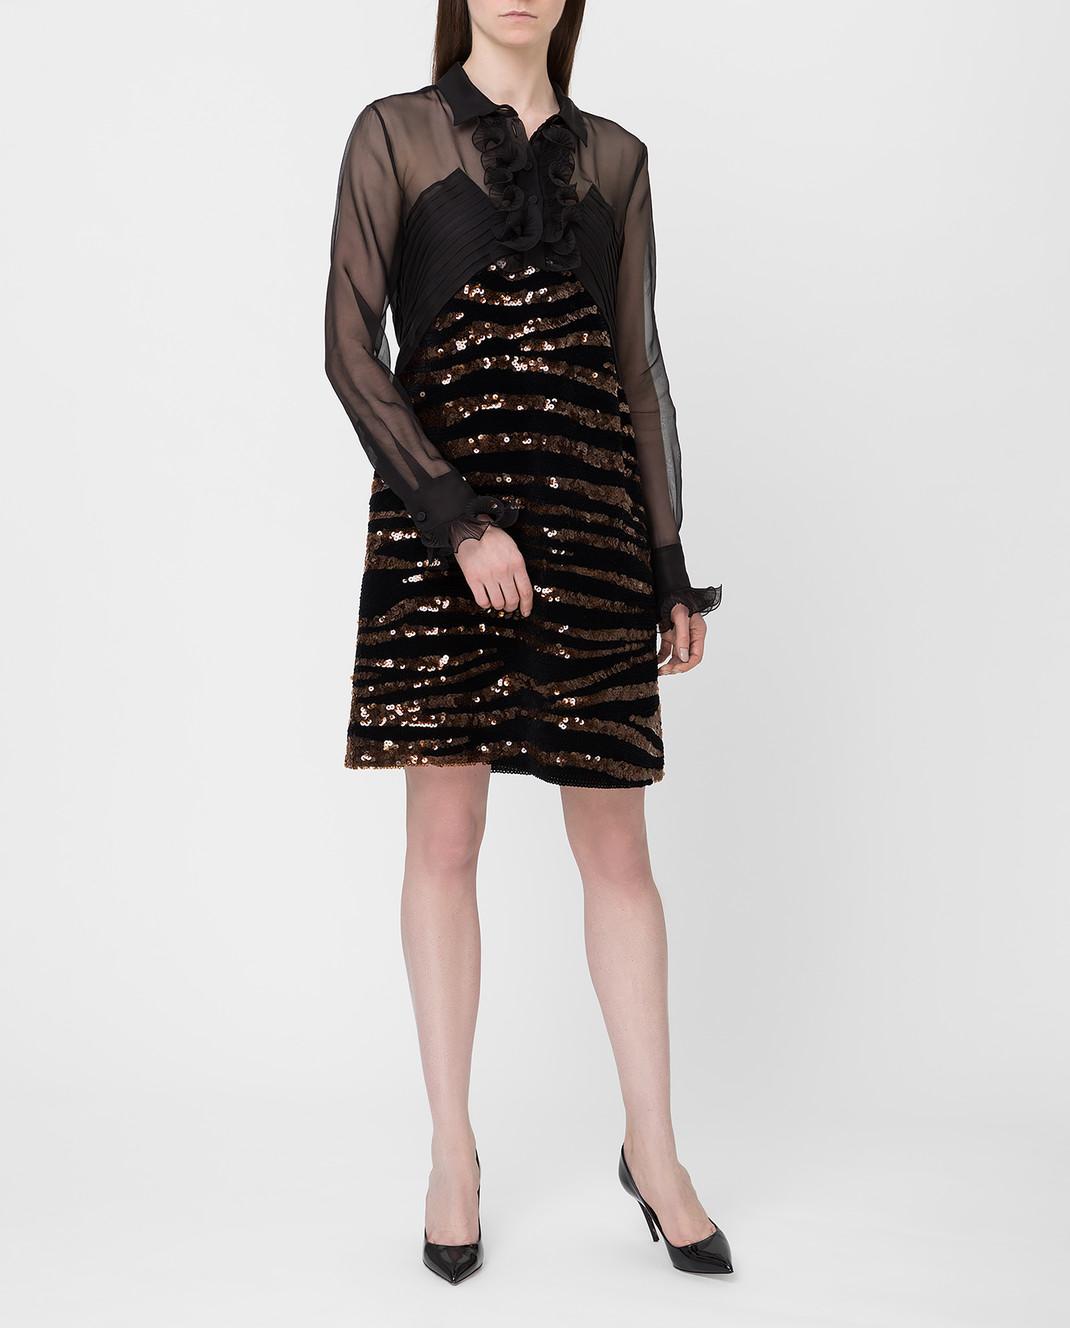 Bottega Veneta Черное платье из шелка изображение 2